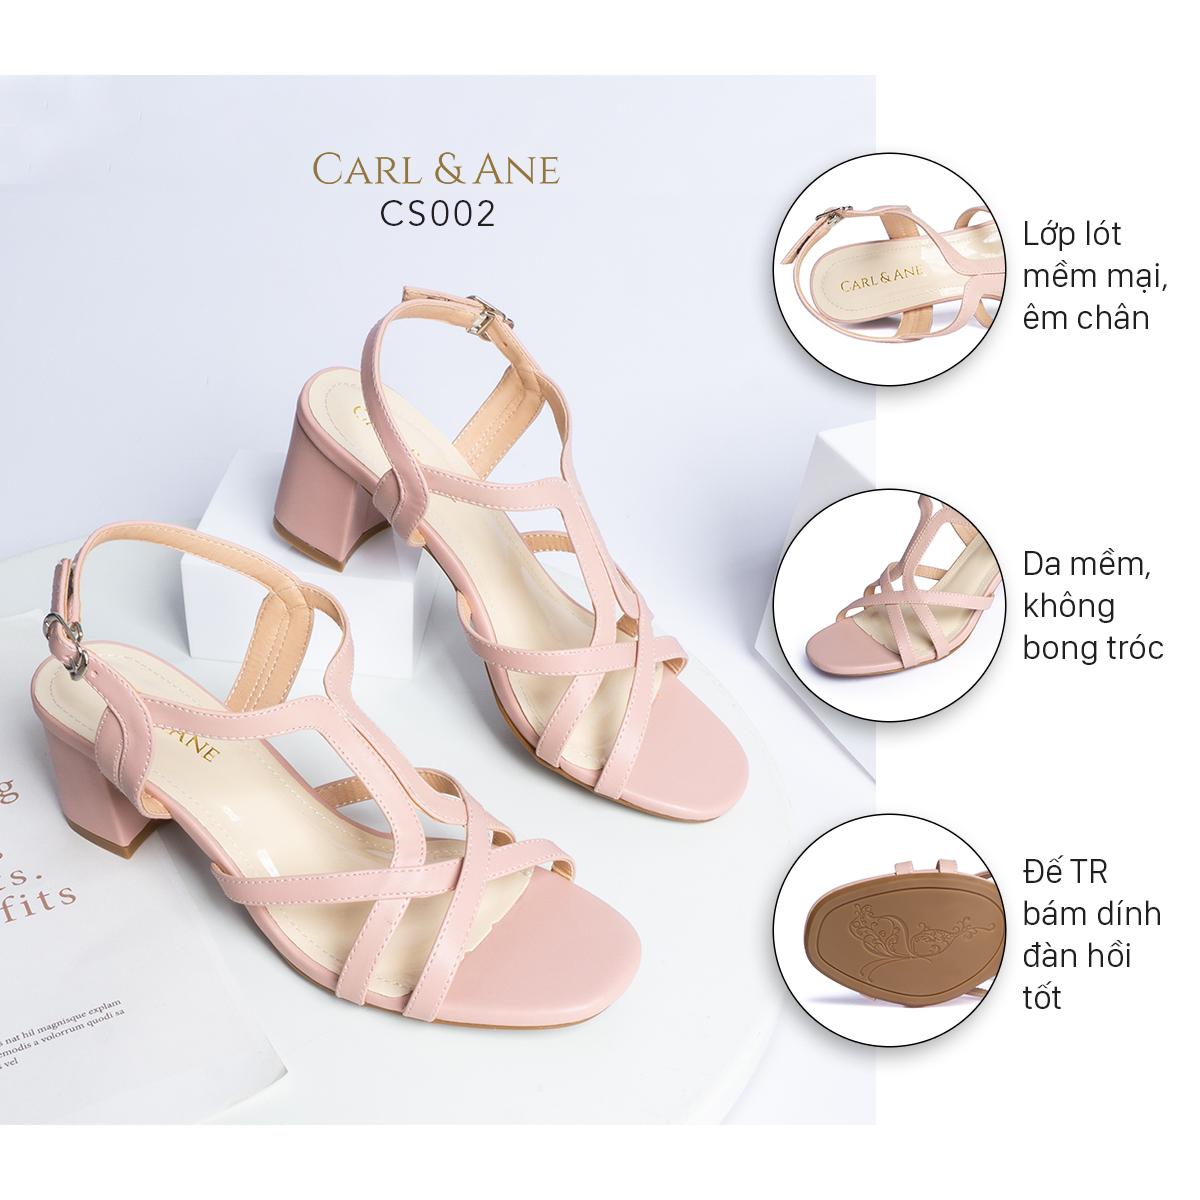 Gia y sandal phô i dây thời trang Erosska mu i vuông gót cao 5cm CS002 1